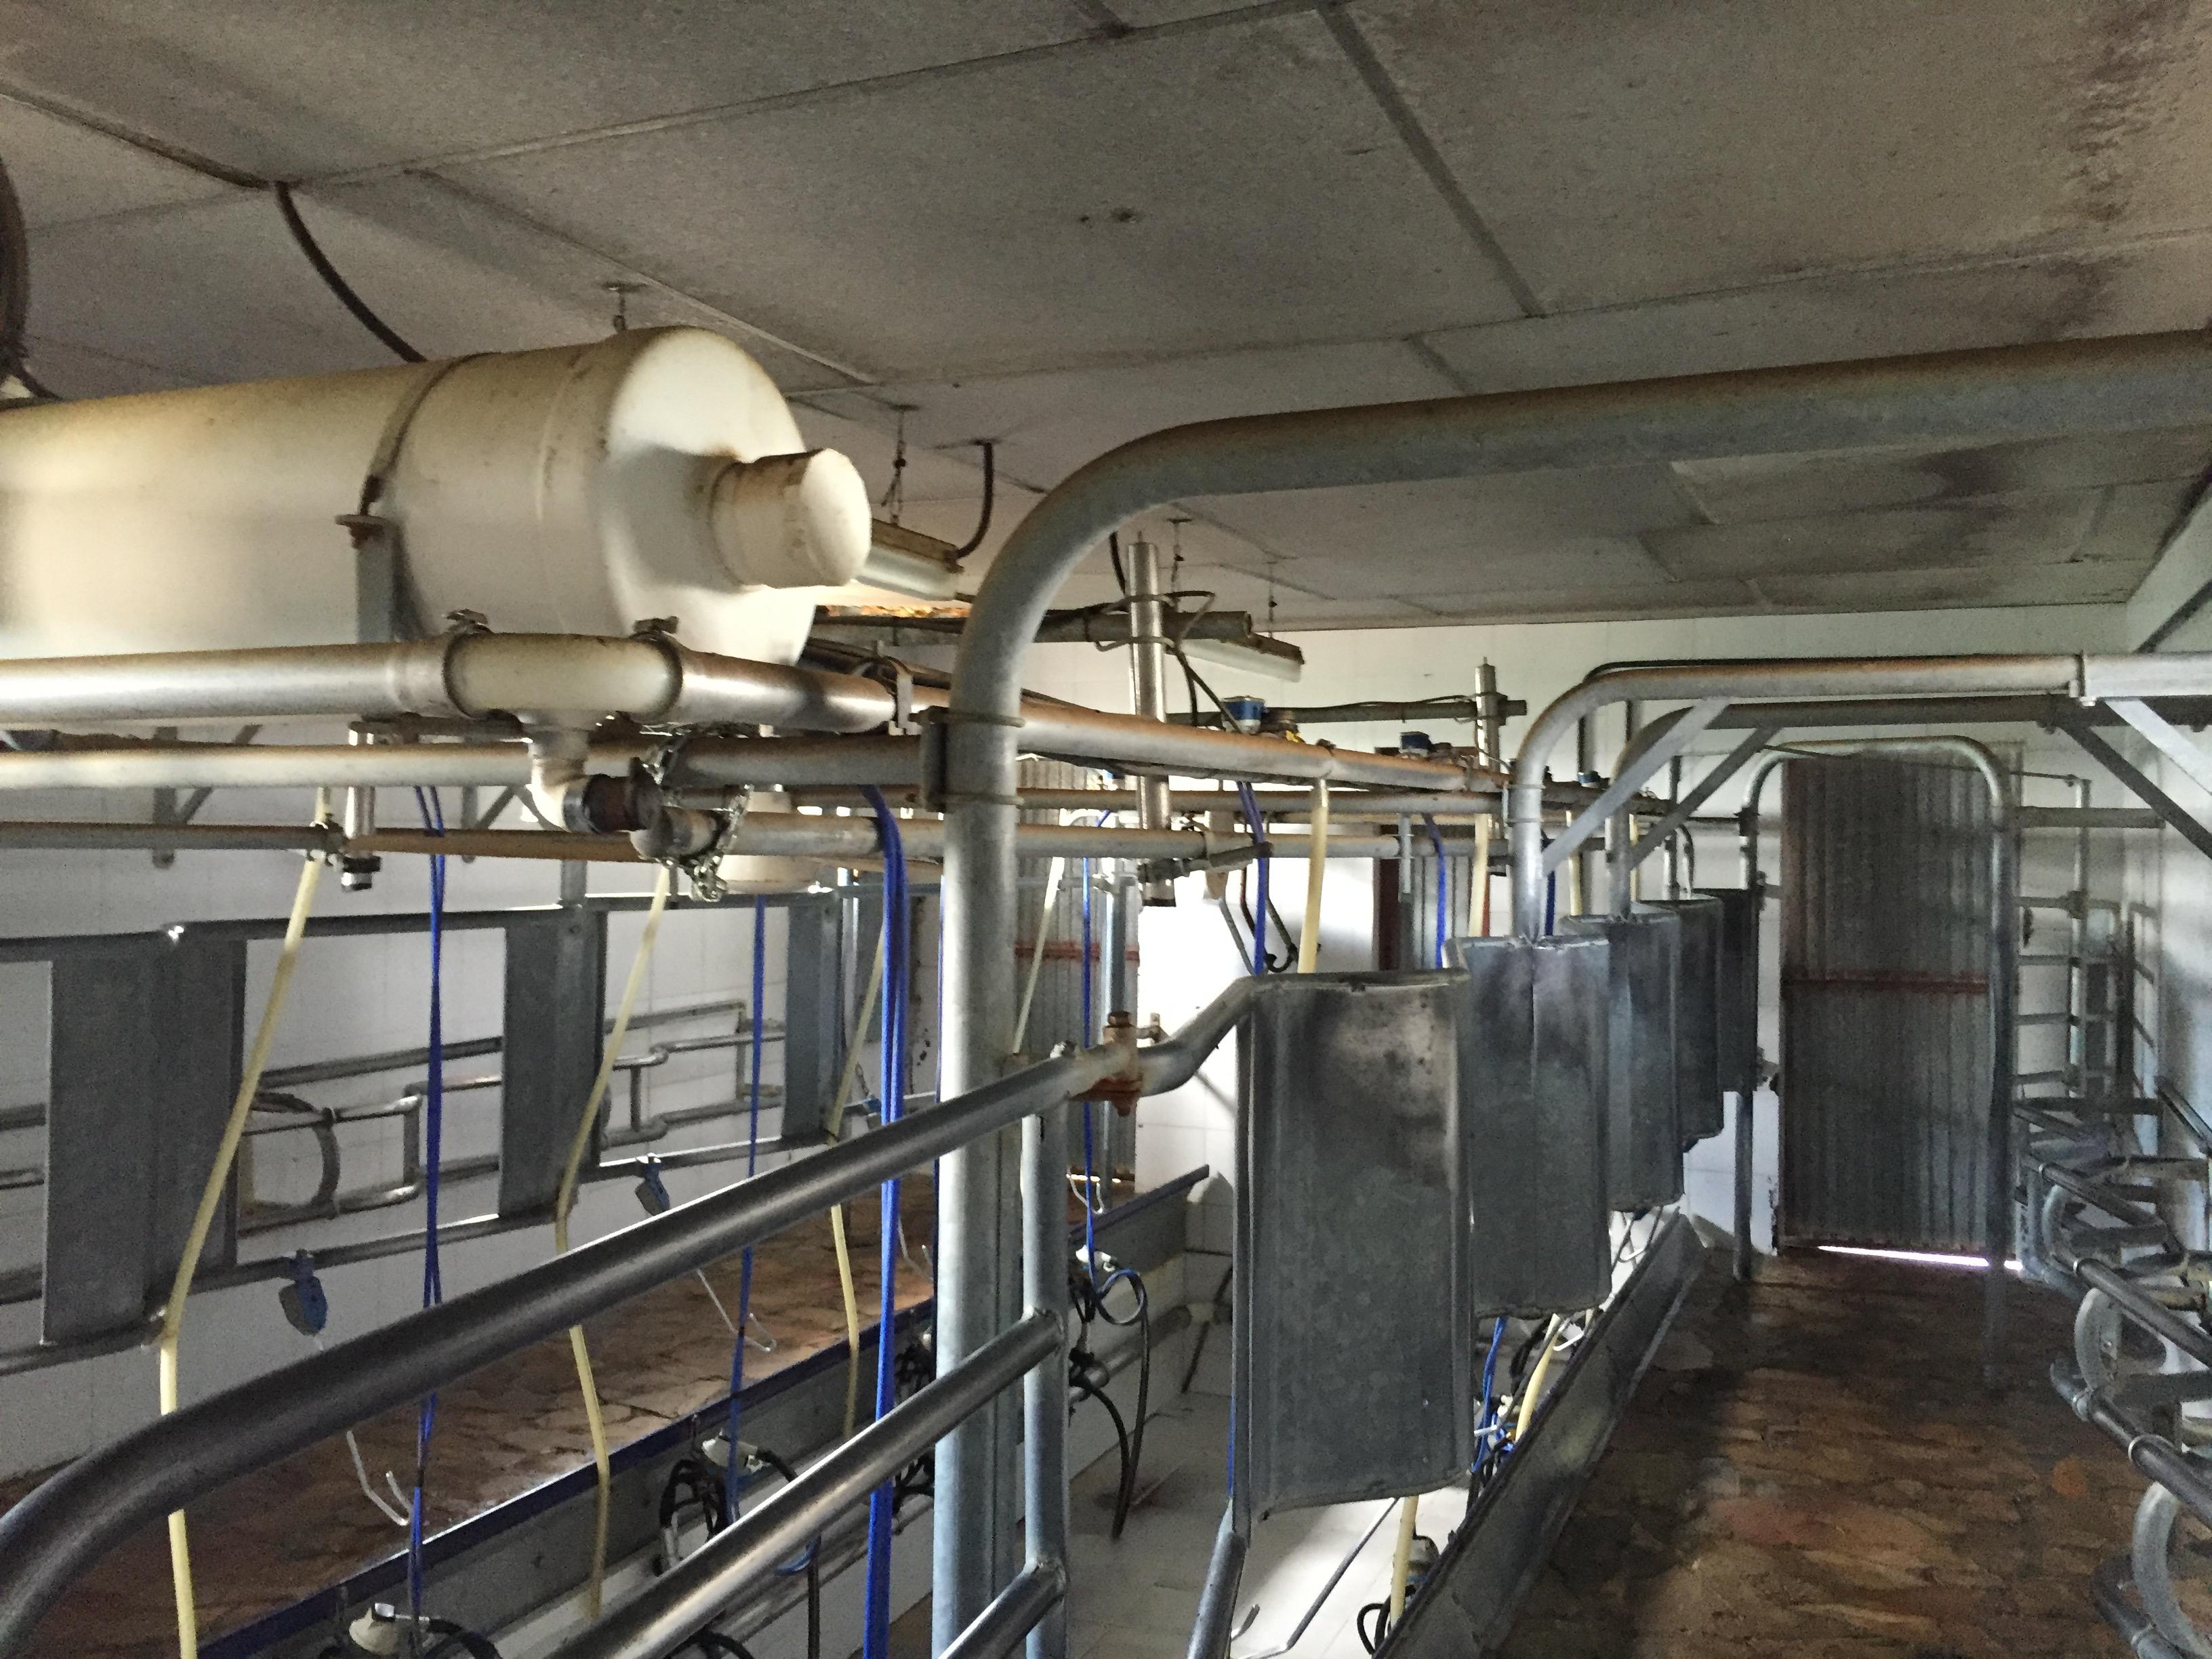 Ampliación de la instalación de baja tensión de explotación ganadera